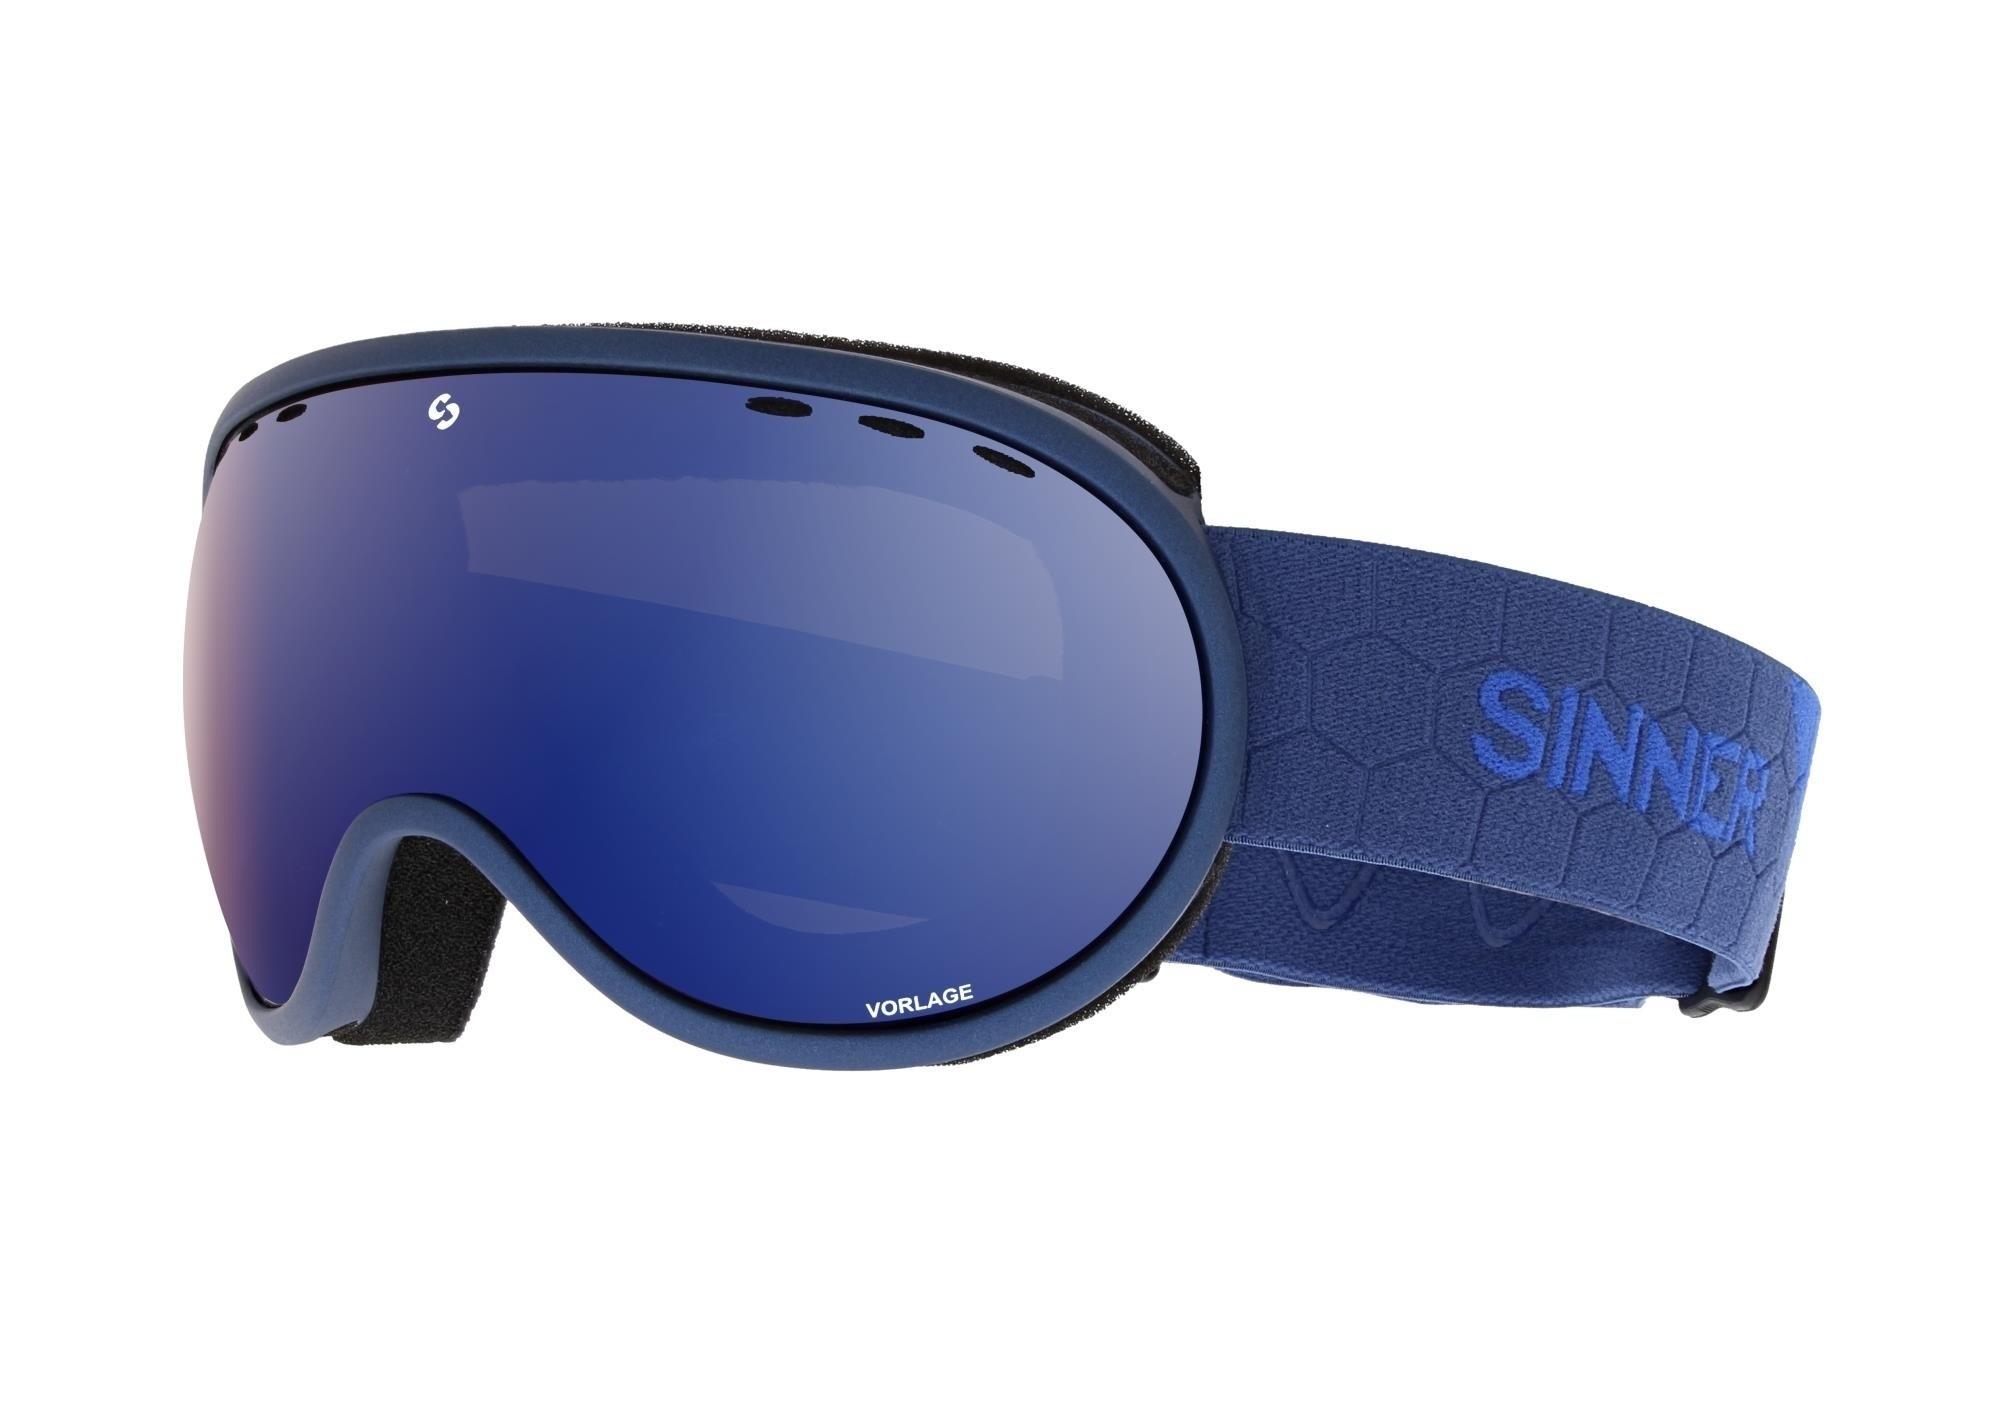 Wintersportbril Sinner Vorlage